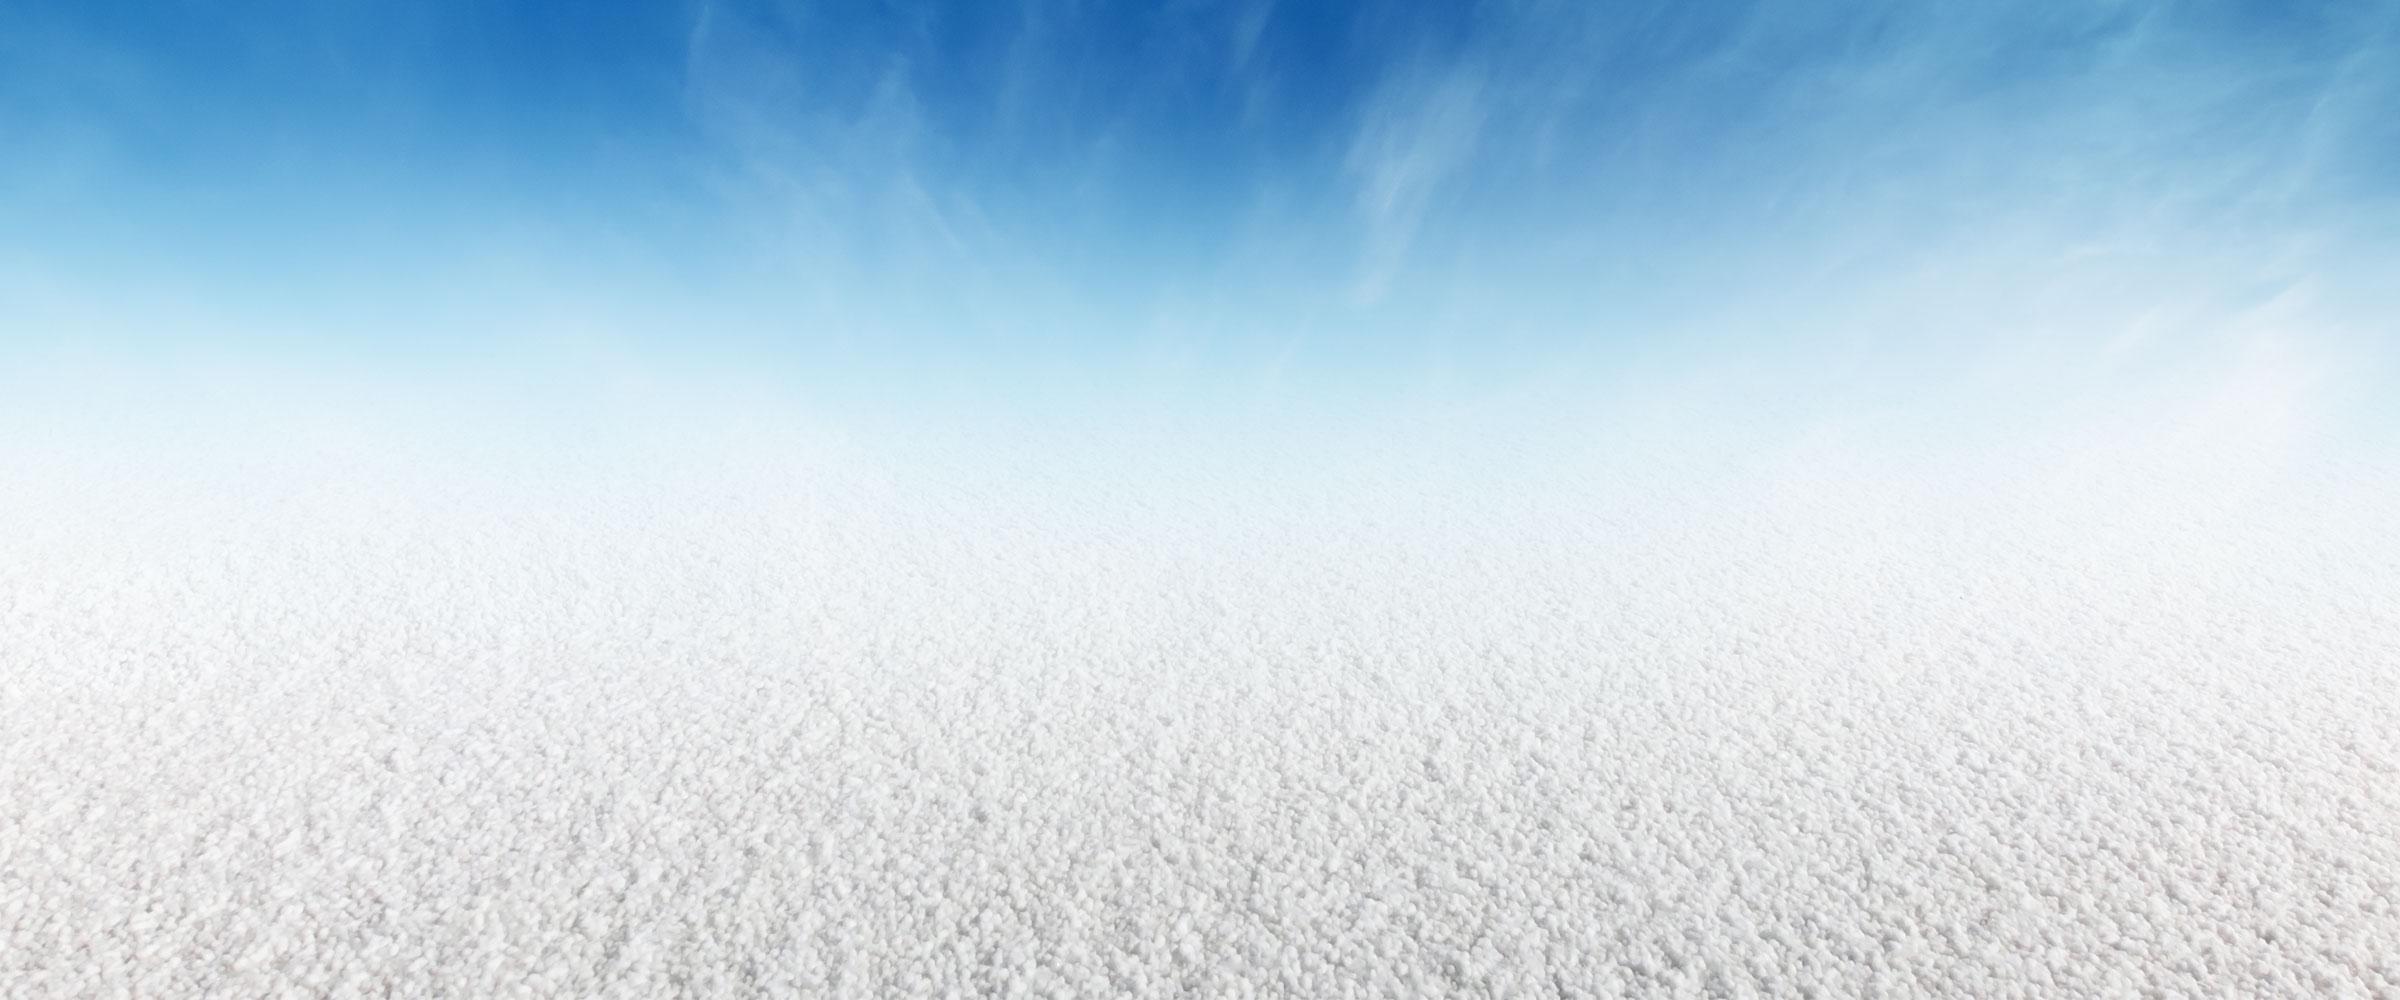 Gary Lynn Floyd_Deeper field of energy